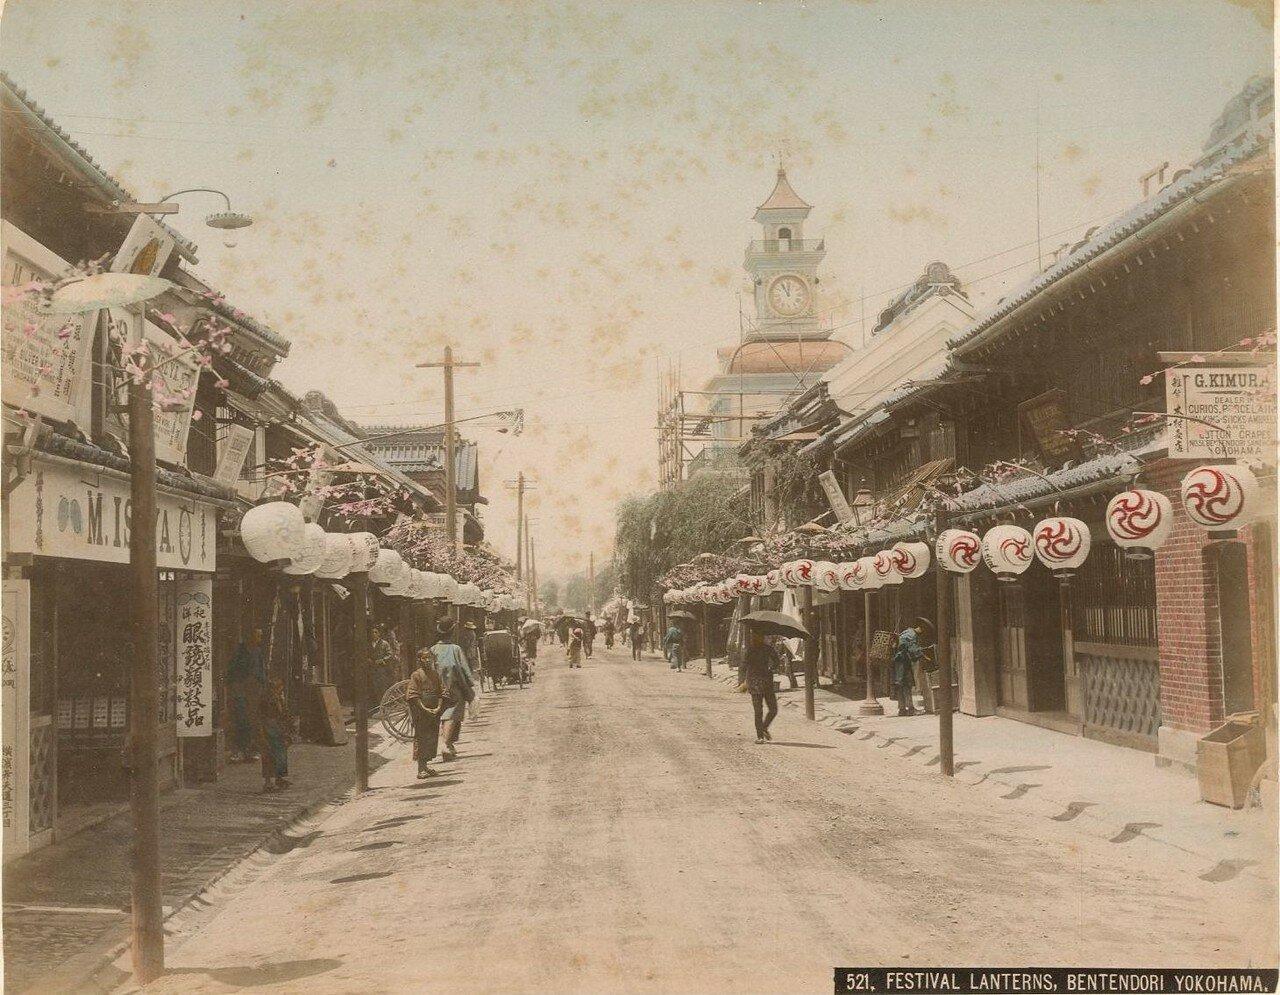 Иокогама. Фестиваль фонариков